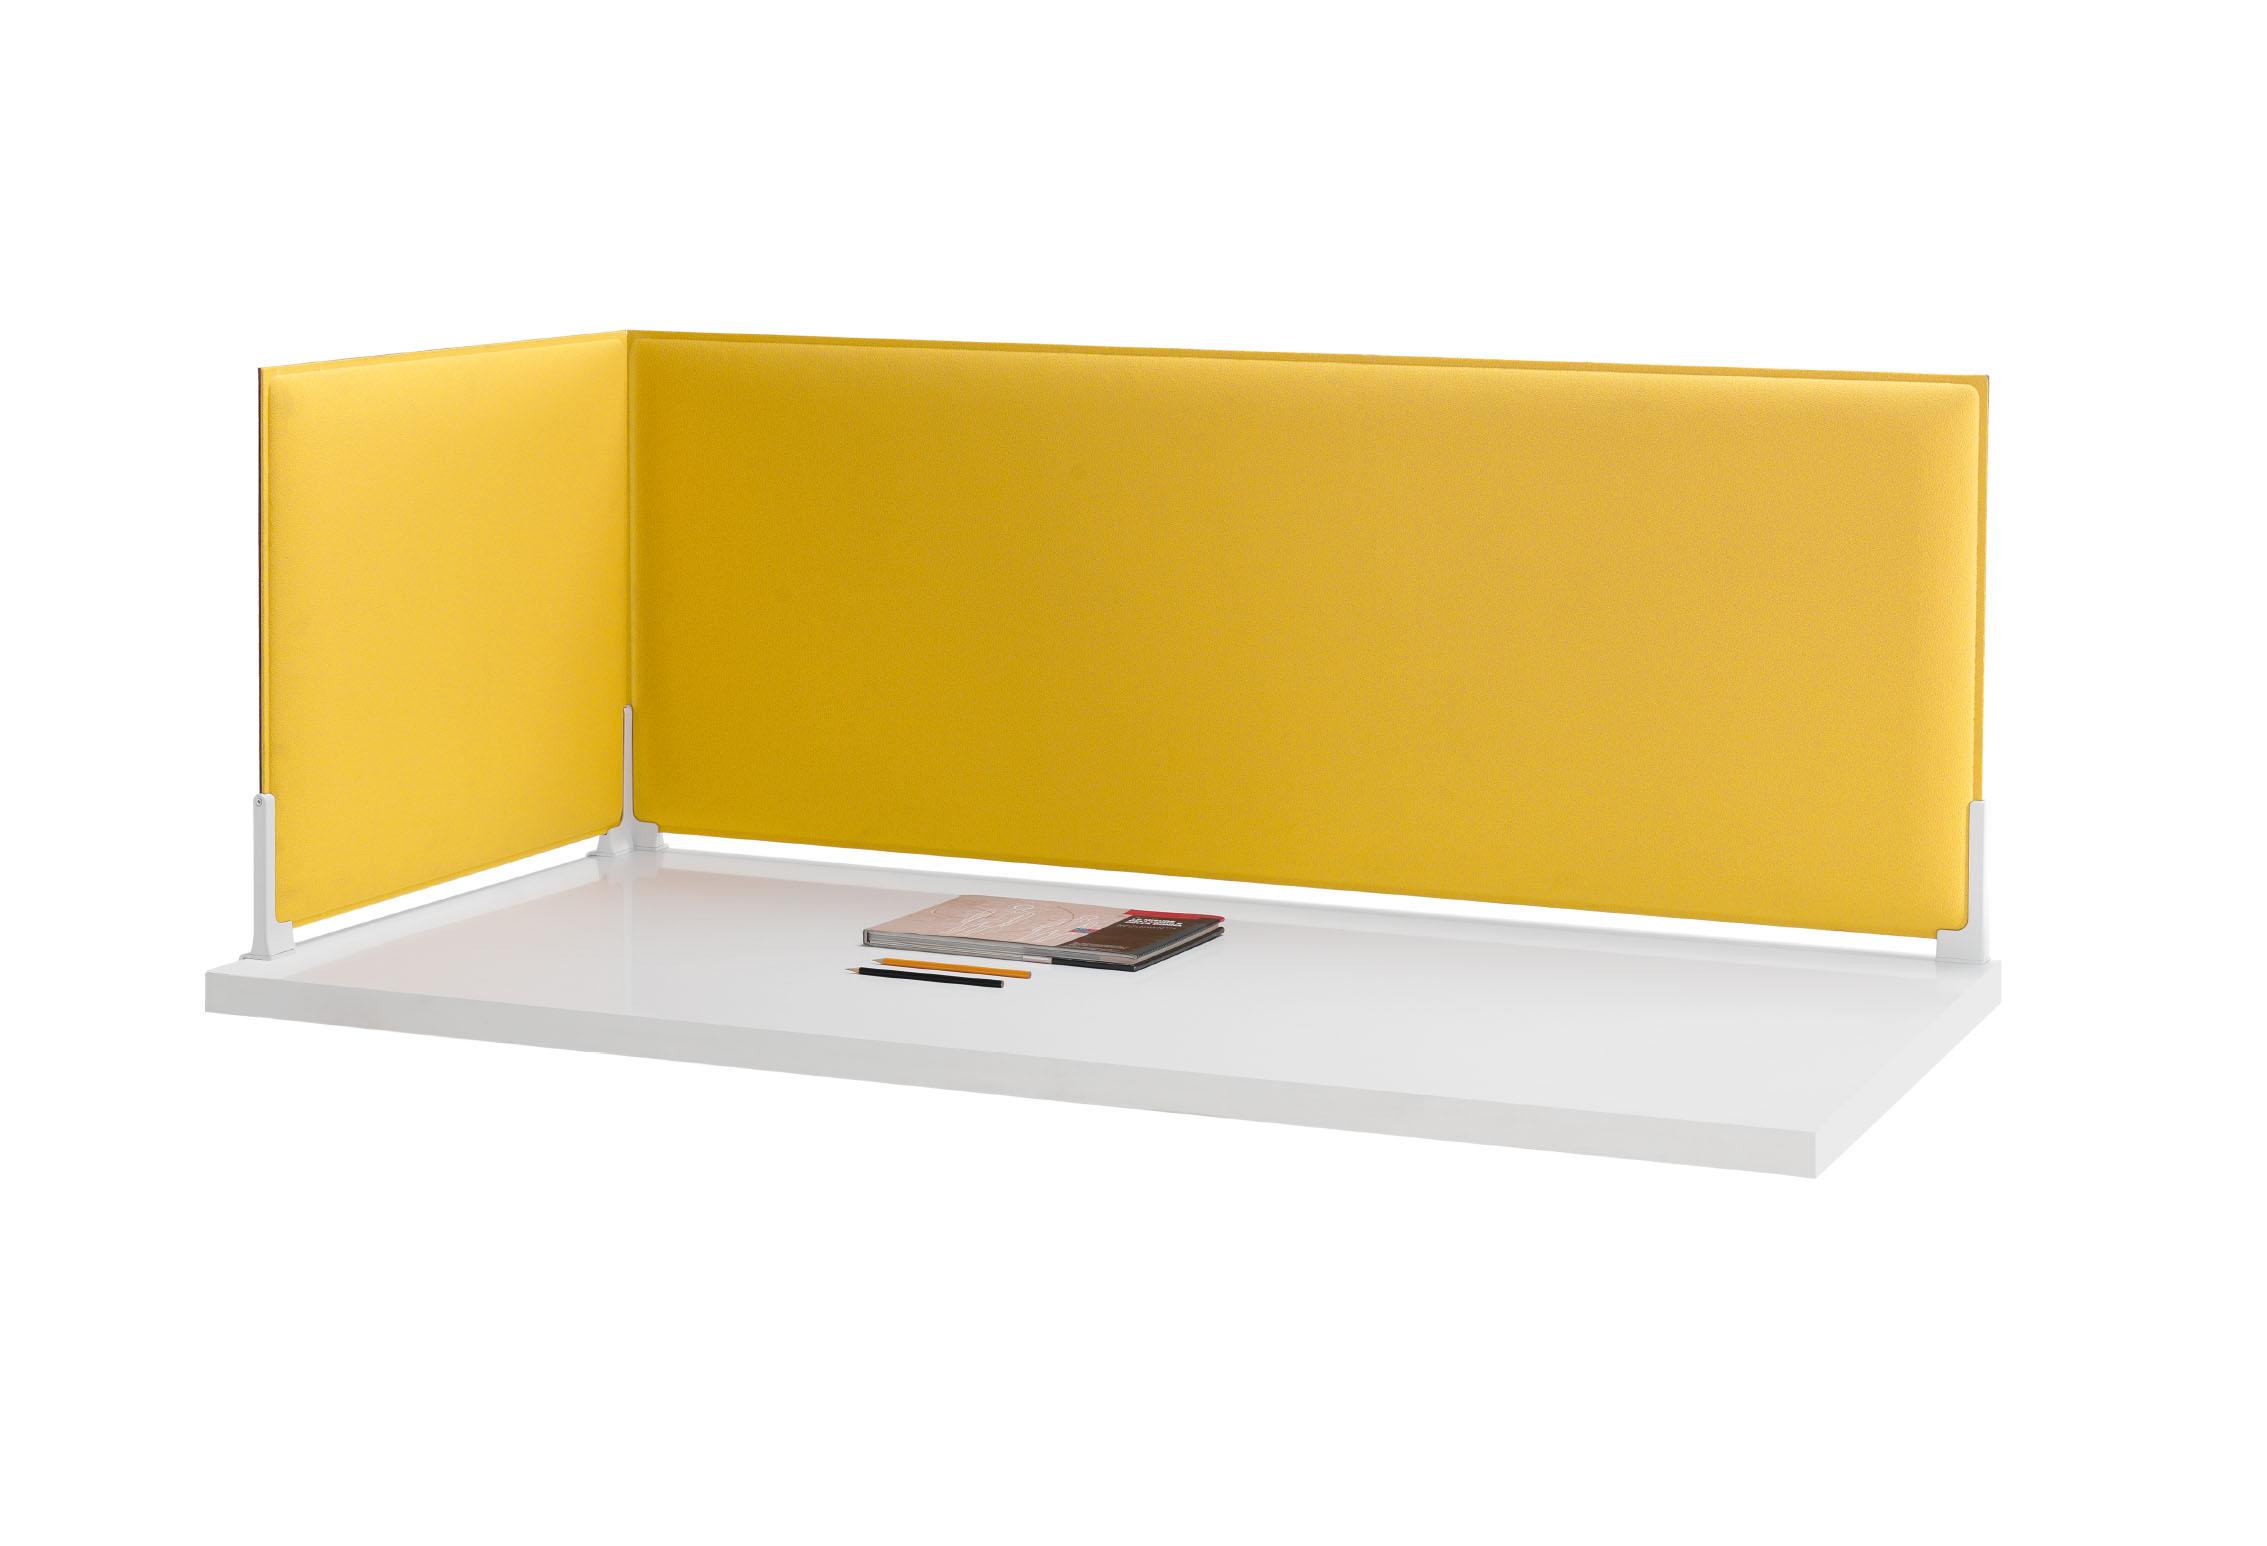 CAIMI Caimi Minimal Desk - Gamme de panneaux acoustiques pour bureaux